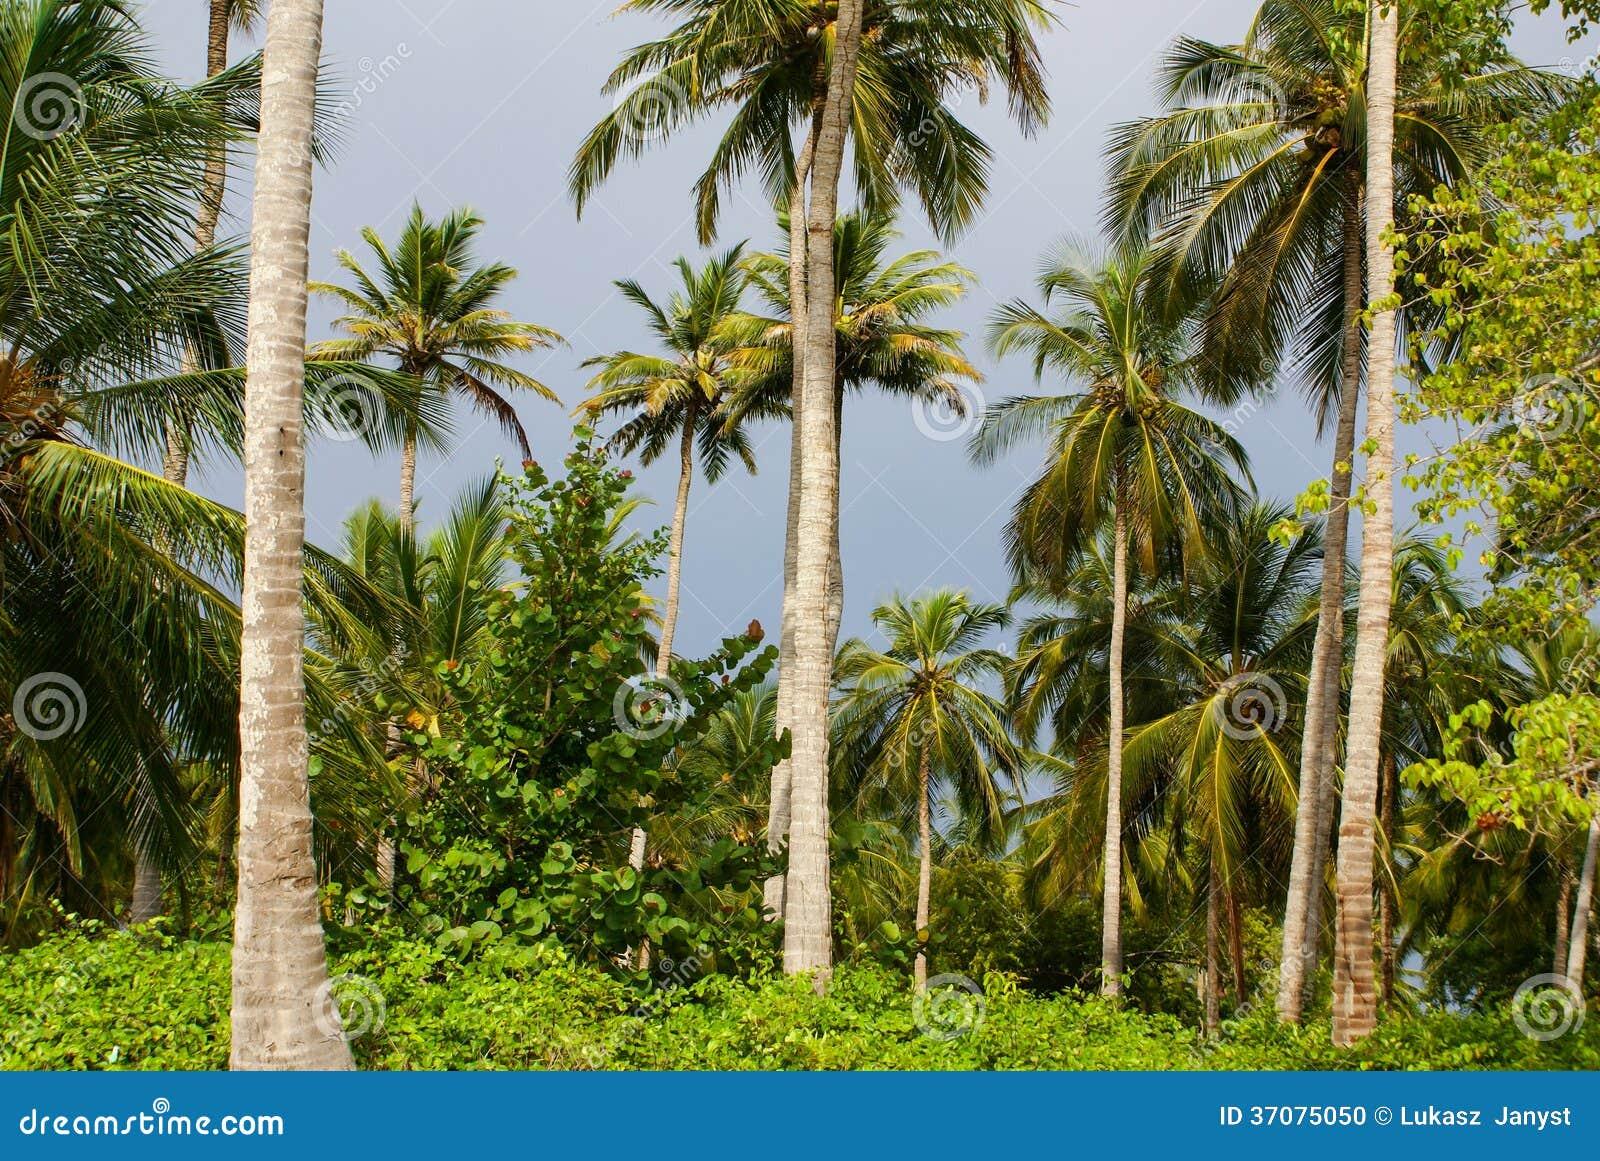 Download Zielony Palmowy Las W Kolumbijskiej Wyspie Mucura Zdjęcie Stock - Obraz złożonej z kolor, nikt: 37075050